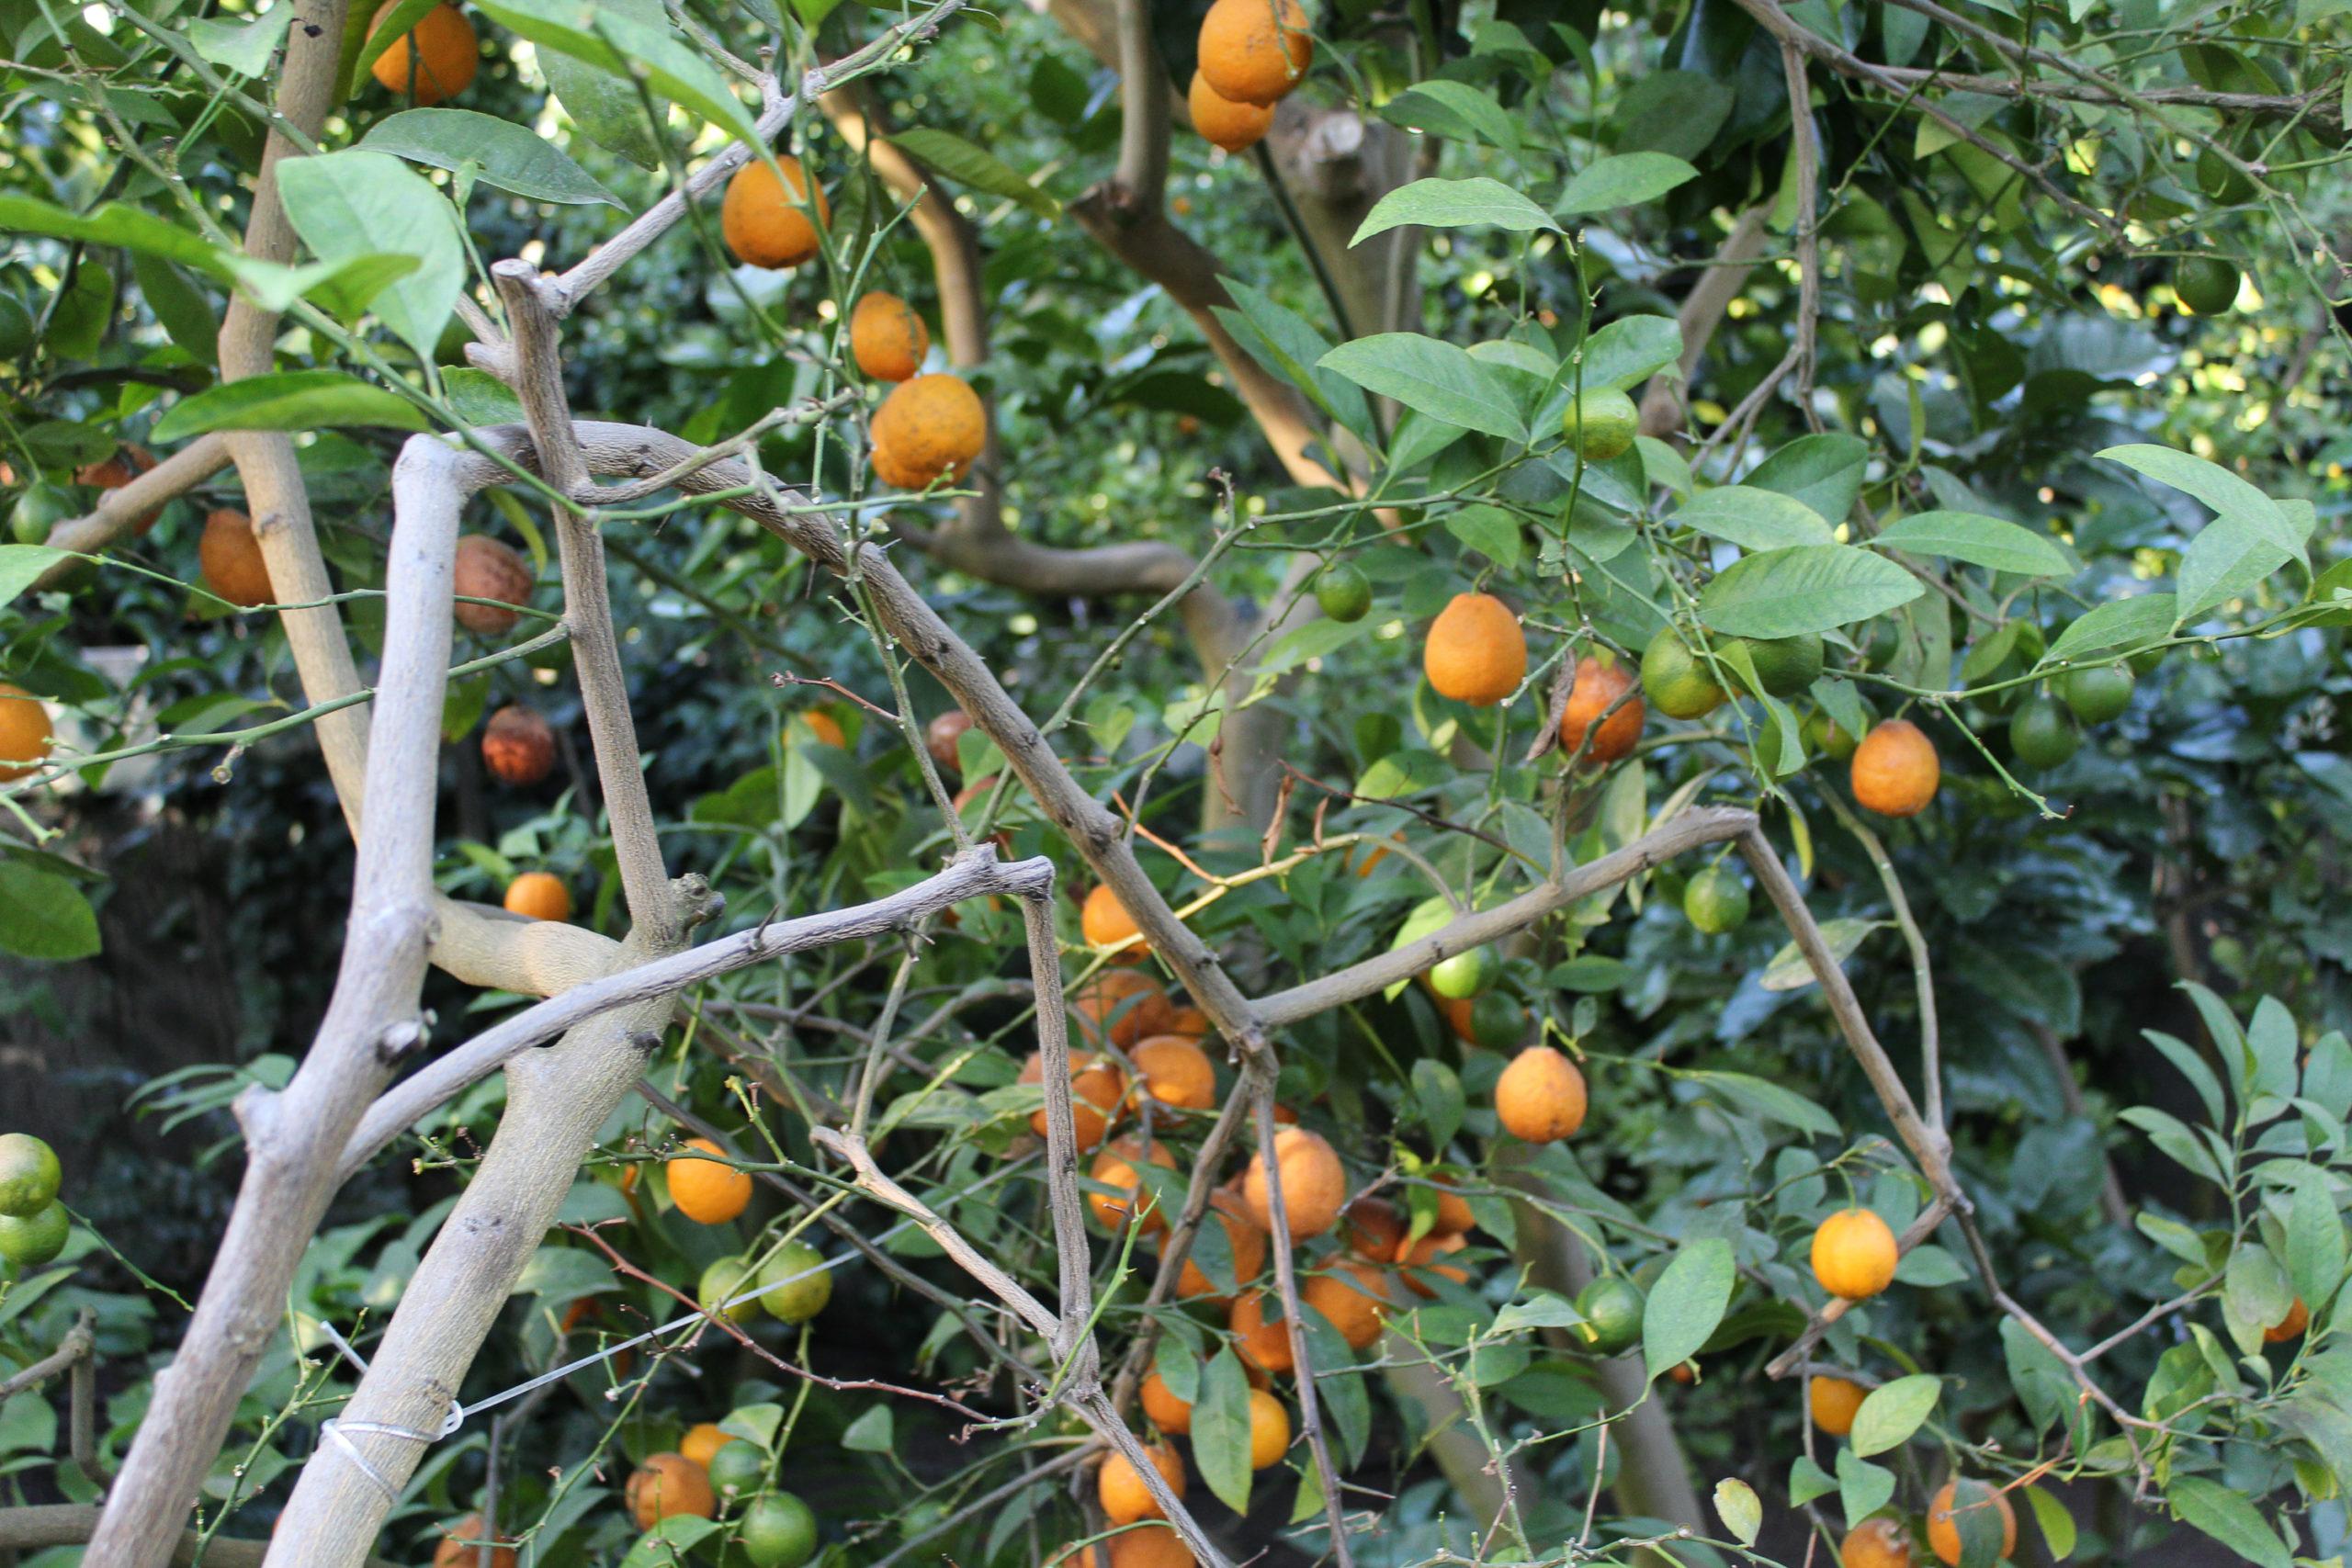 Owoce na drzewie